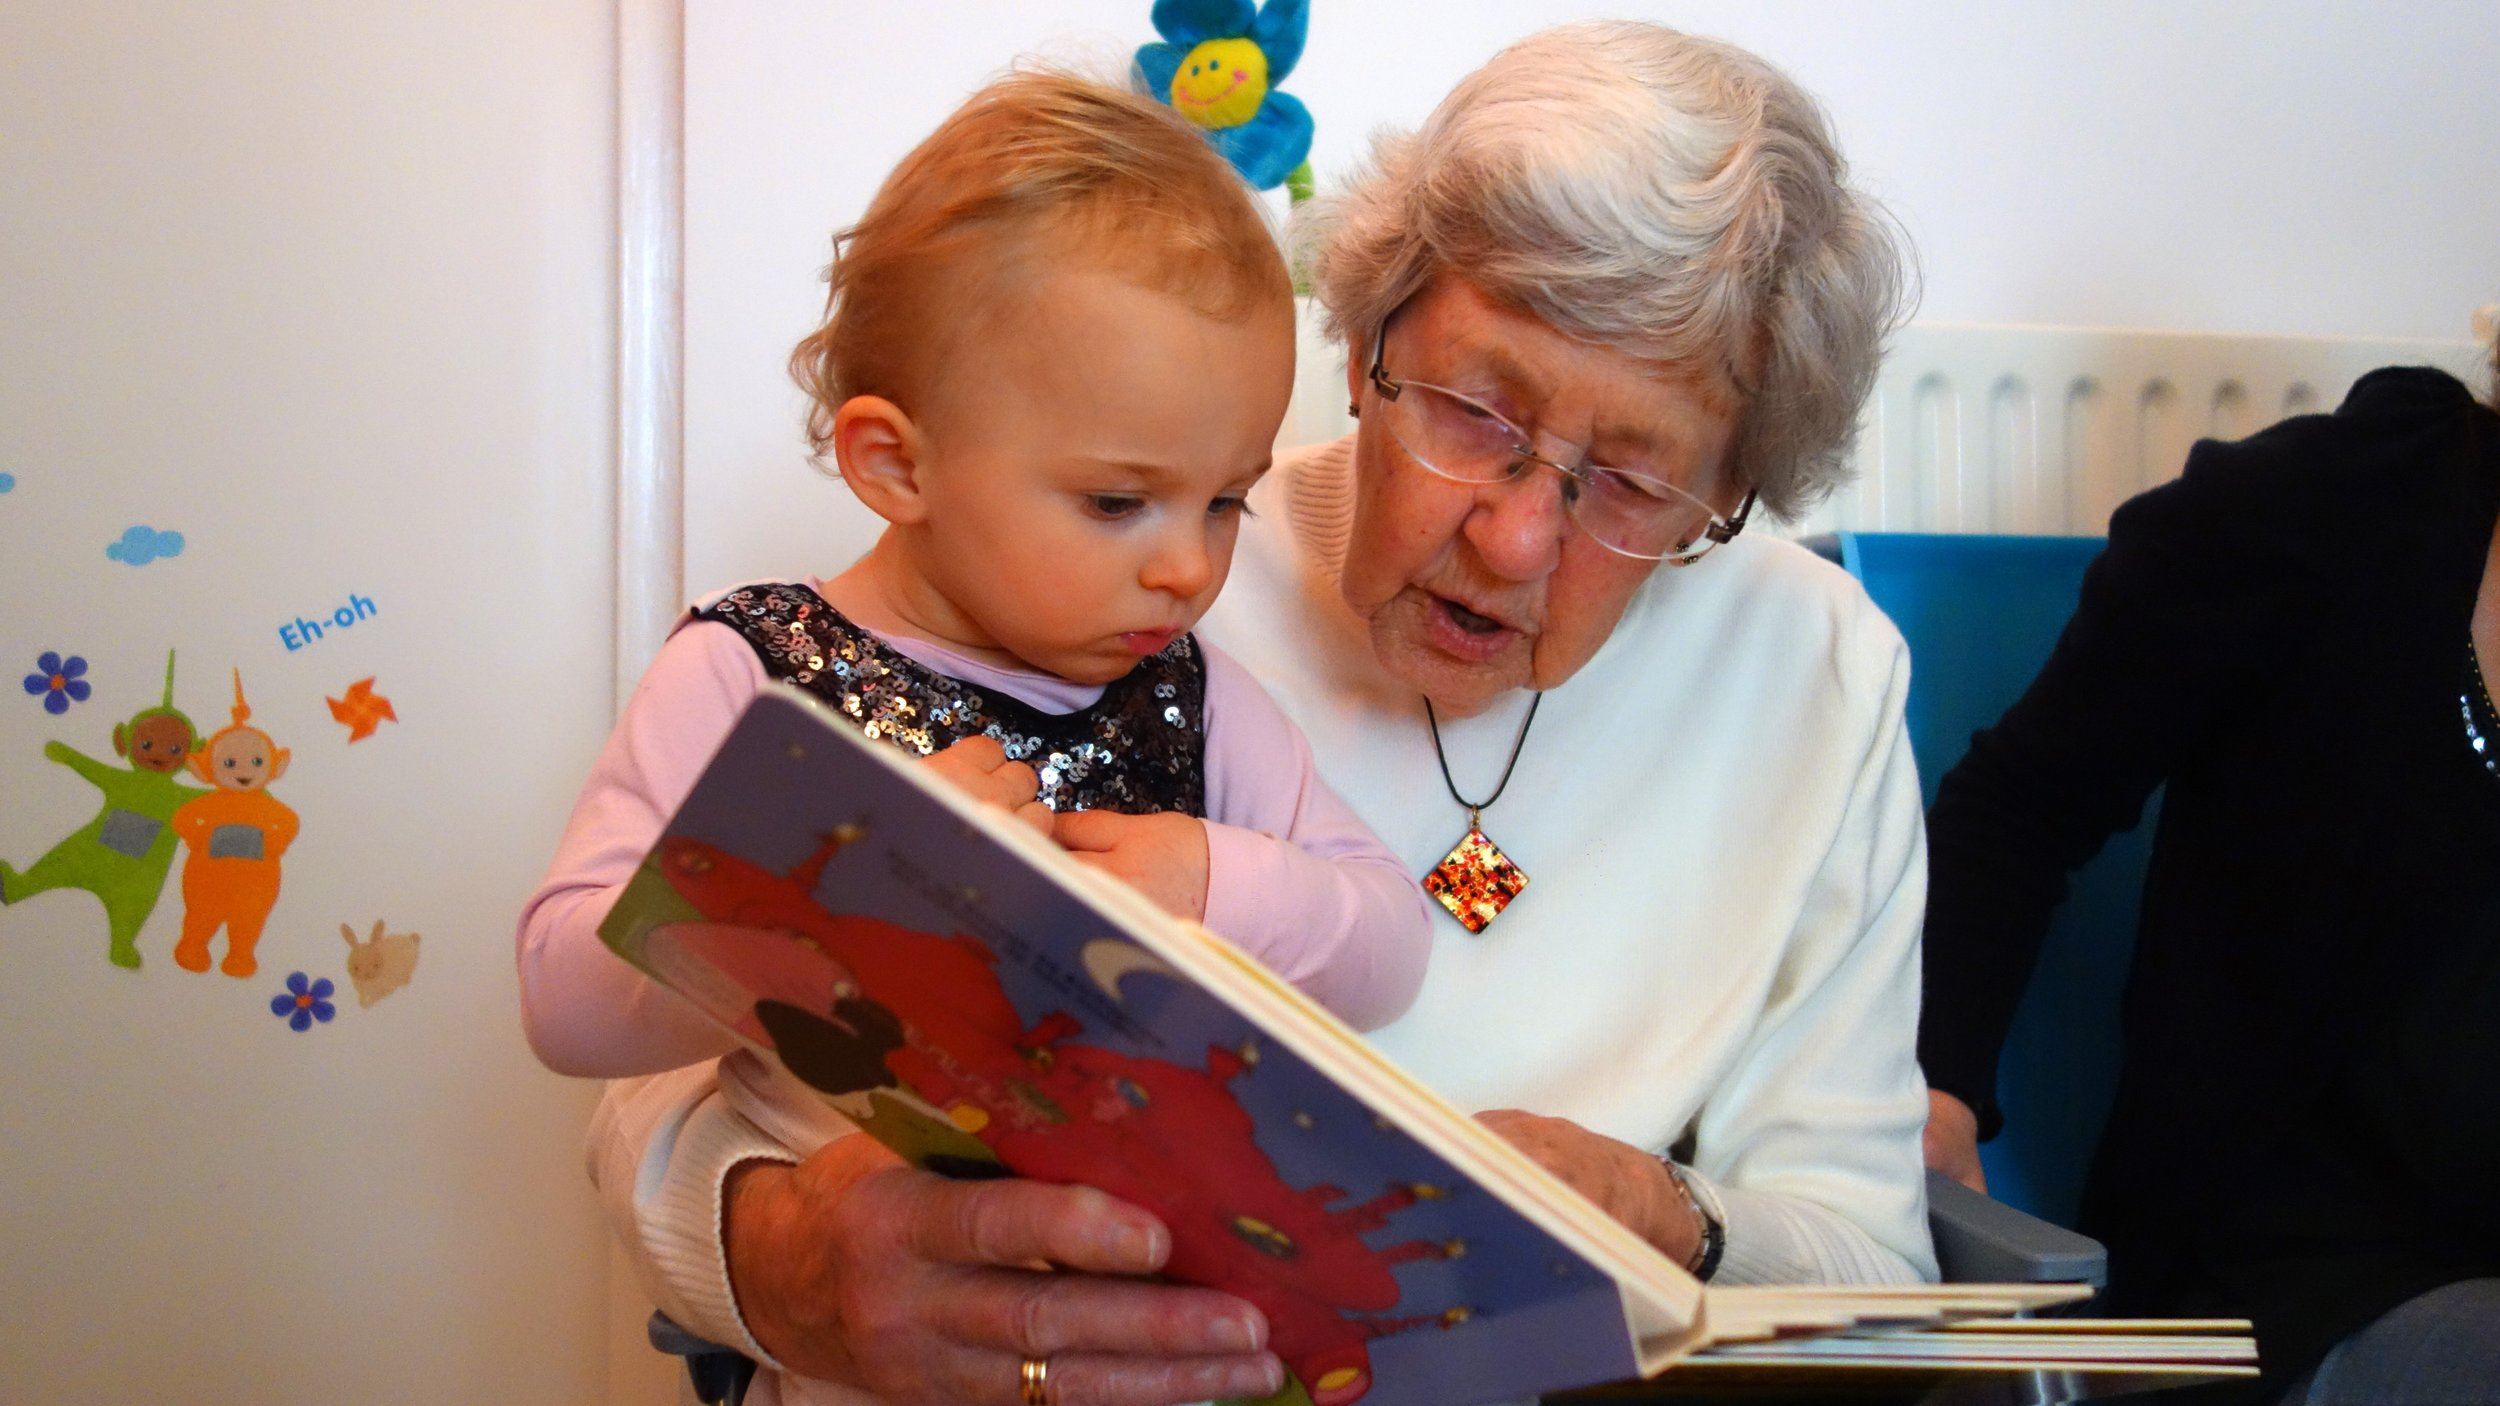 grandma and child.jpg